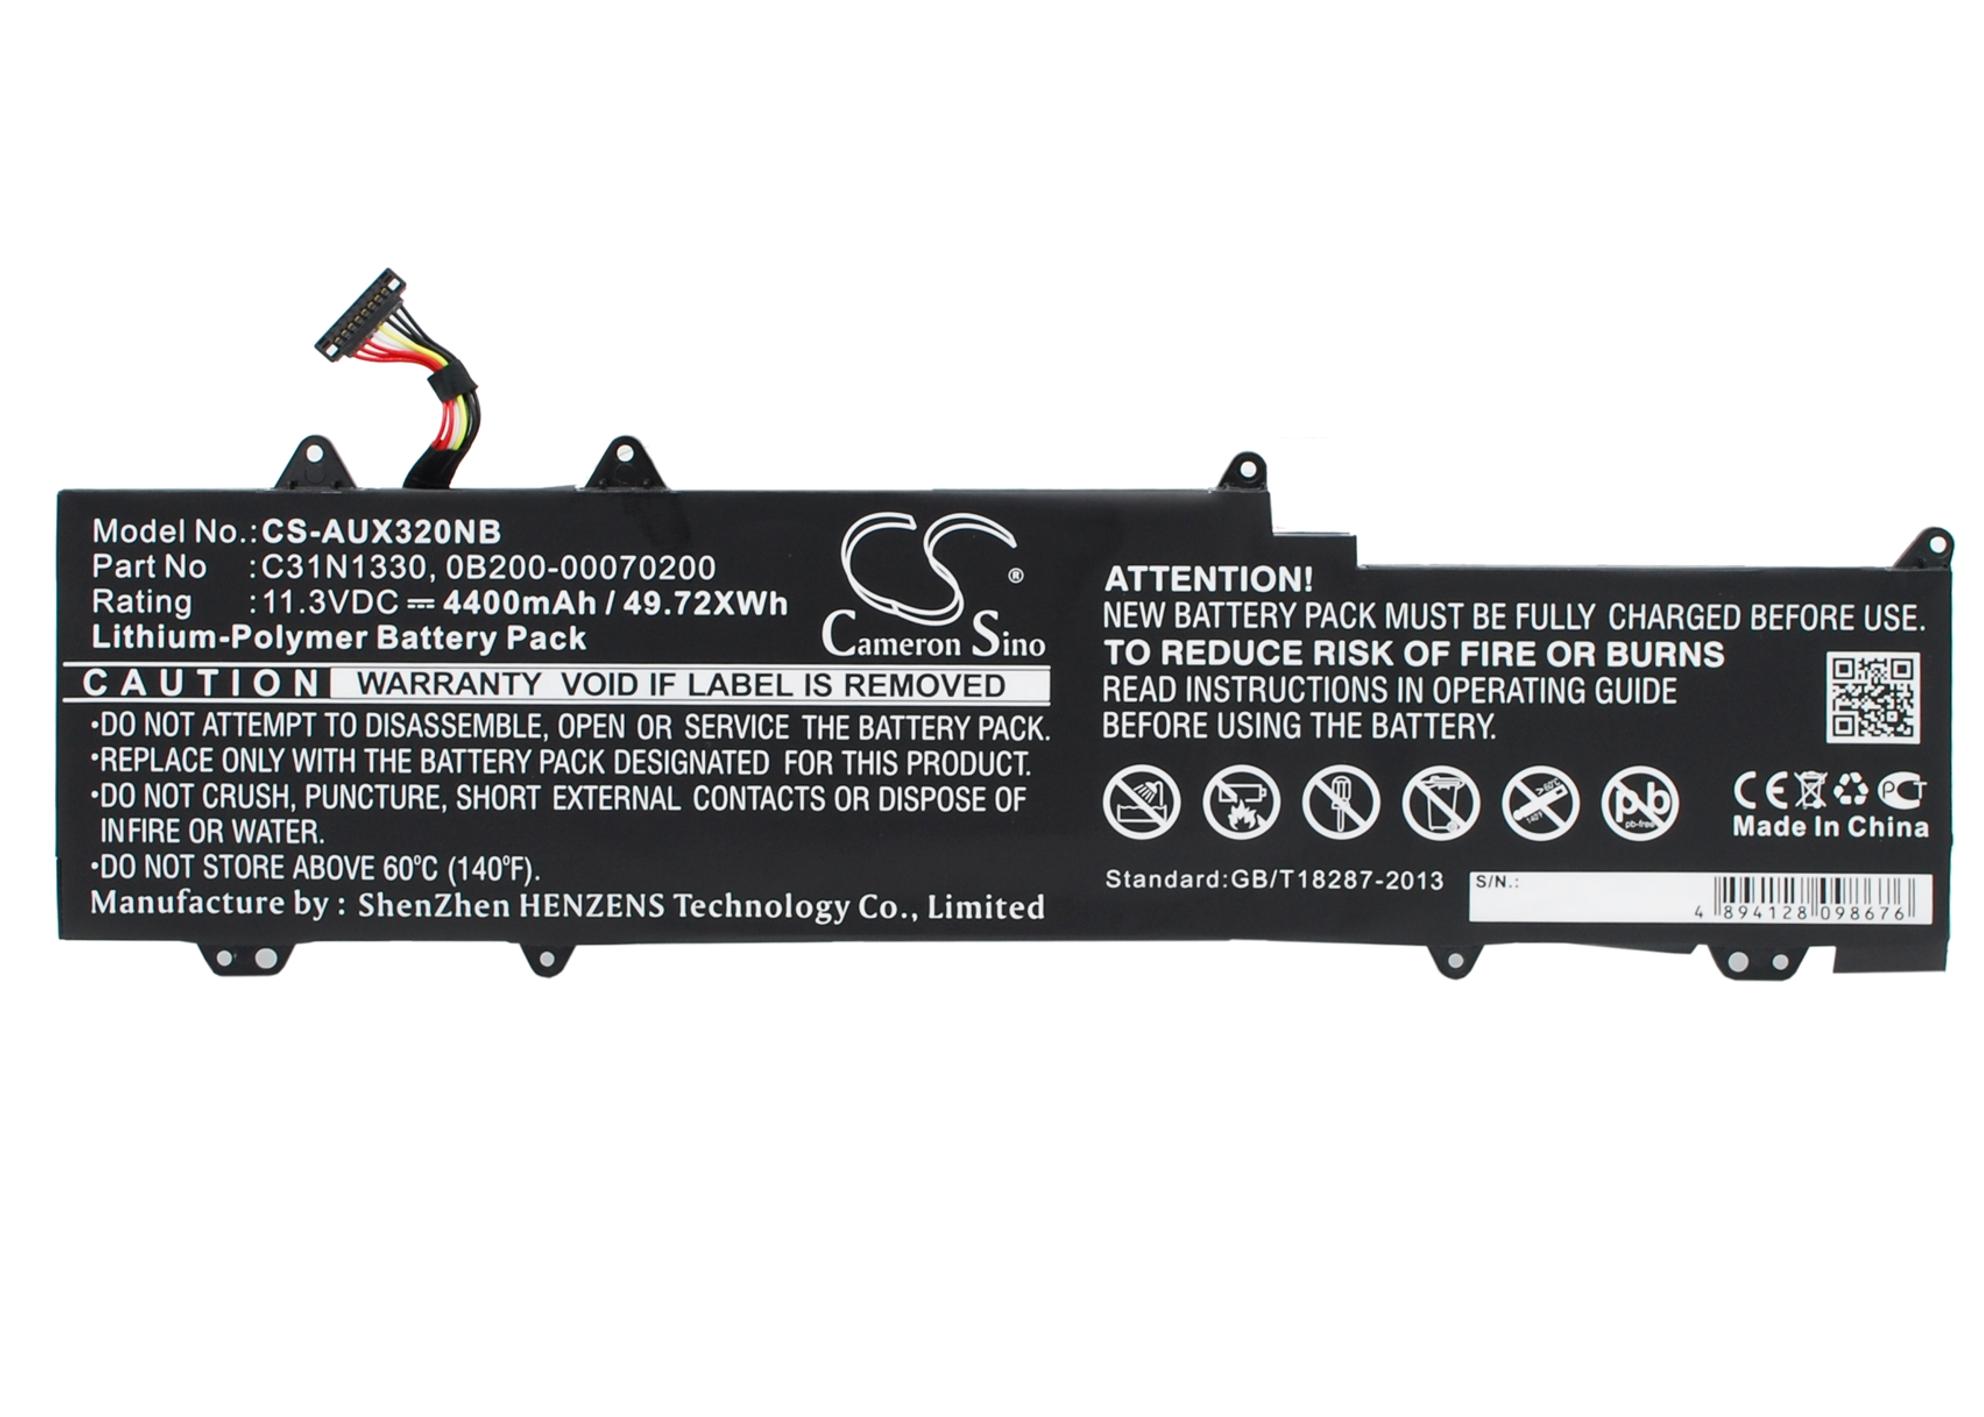 Cameron Sino baterie do notebooků pro ASUS Zenbook UX32LA-R3028H 11.3V Li-Polymer 4400mAh černá - neoriginální